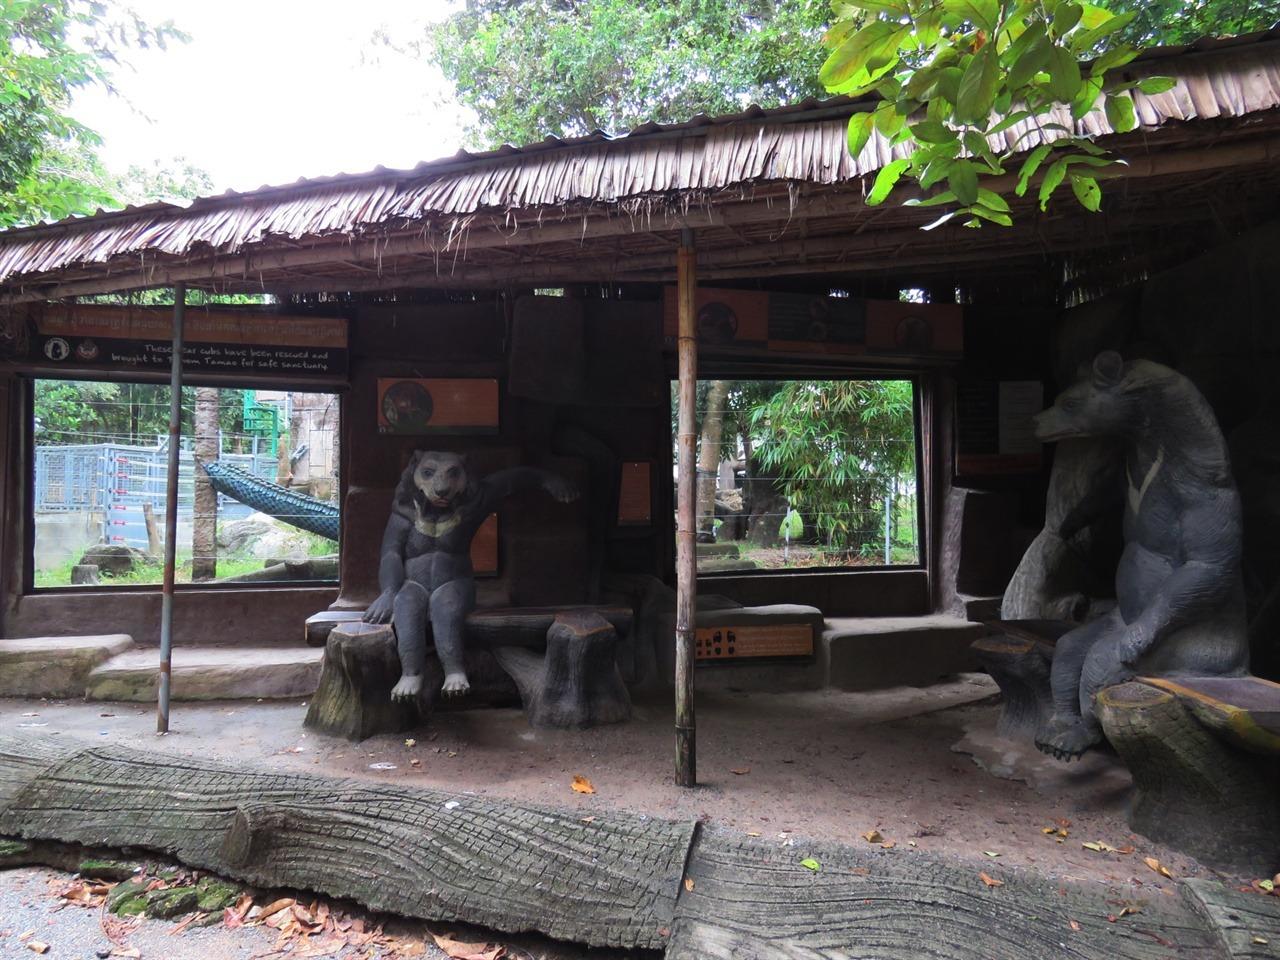 전반적인 분위기는 동물원과 비슷하다